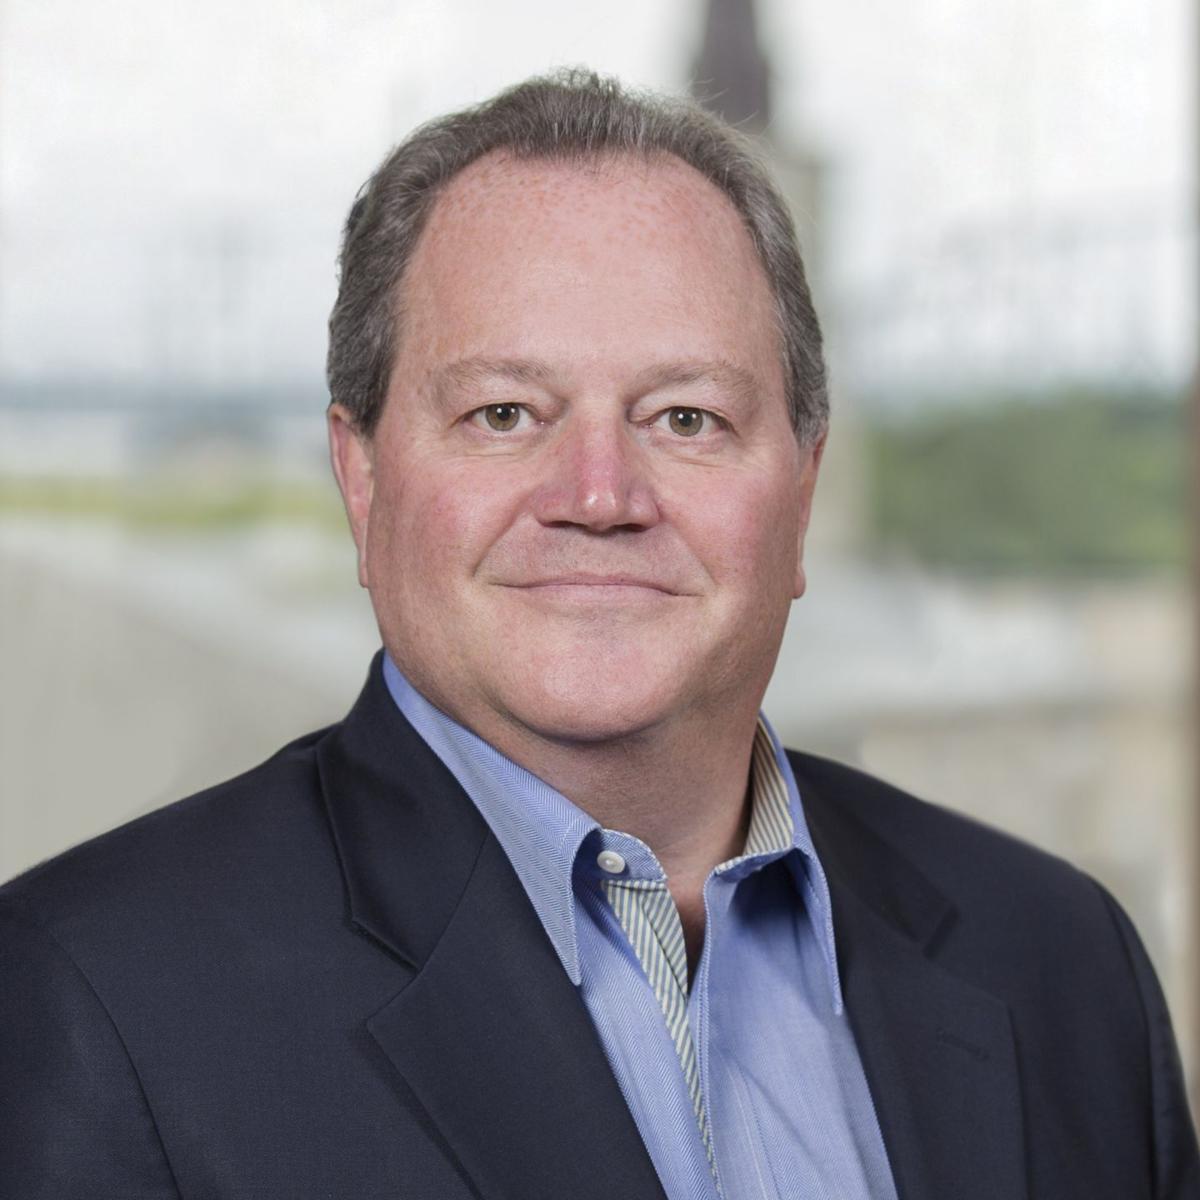 Jeffrey Davis, CEO of Perficient